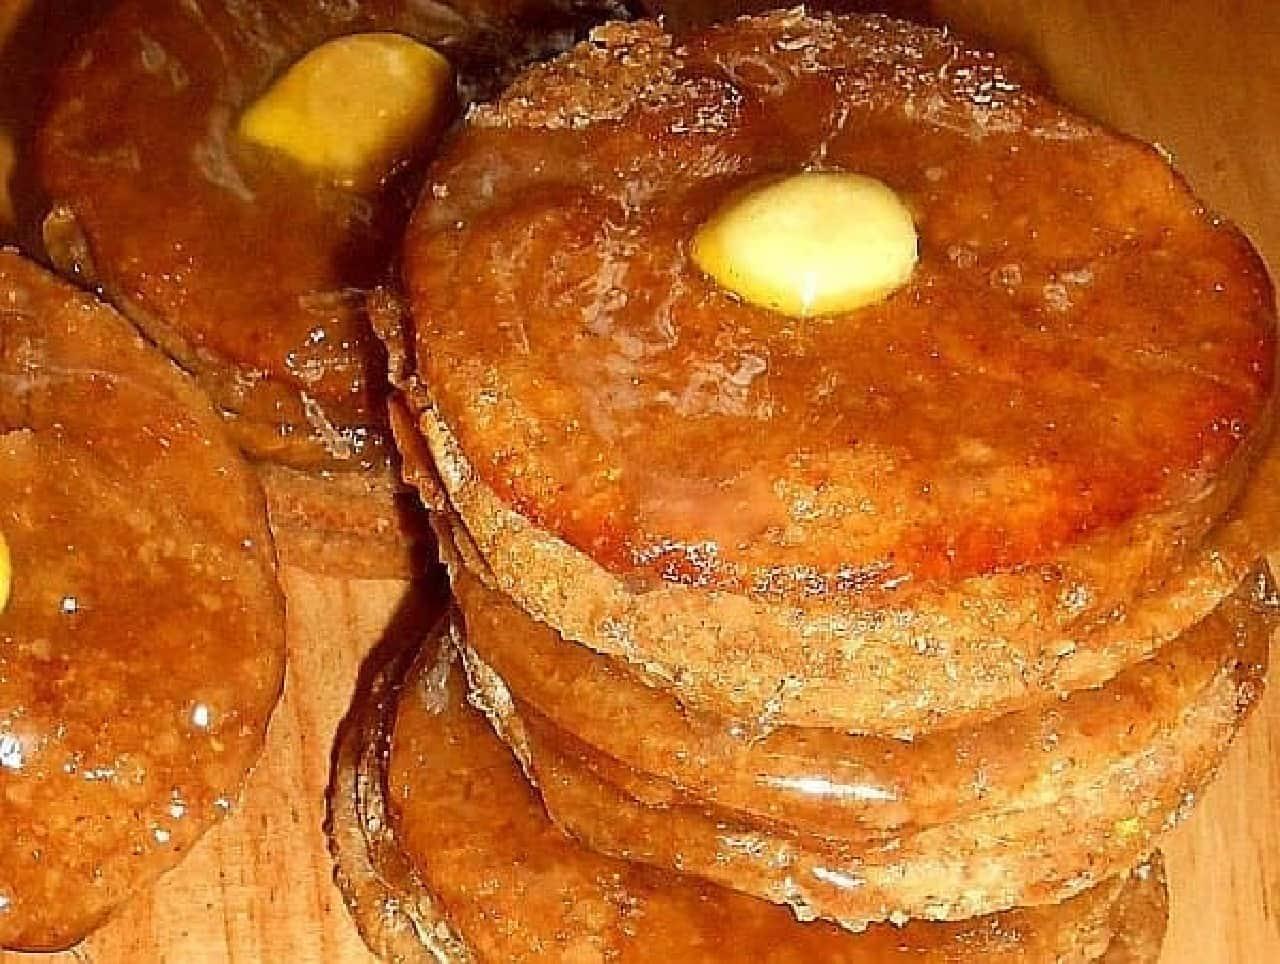 犬用のパンケーキ「Gourmet Dog Treats -2 Stacks of Dog Pantcakes」